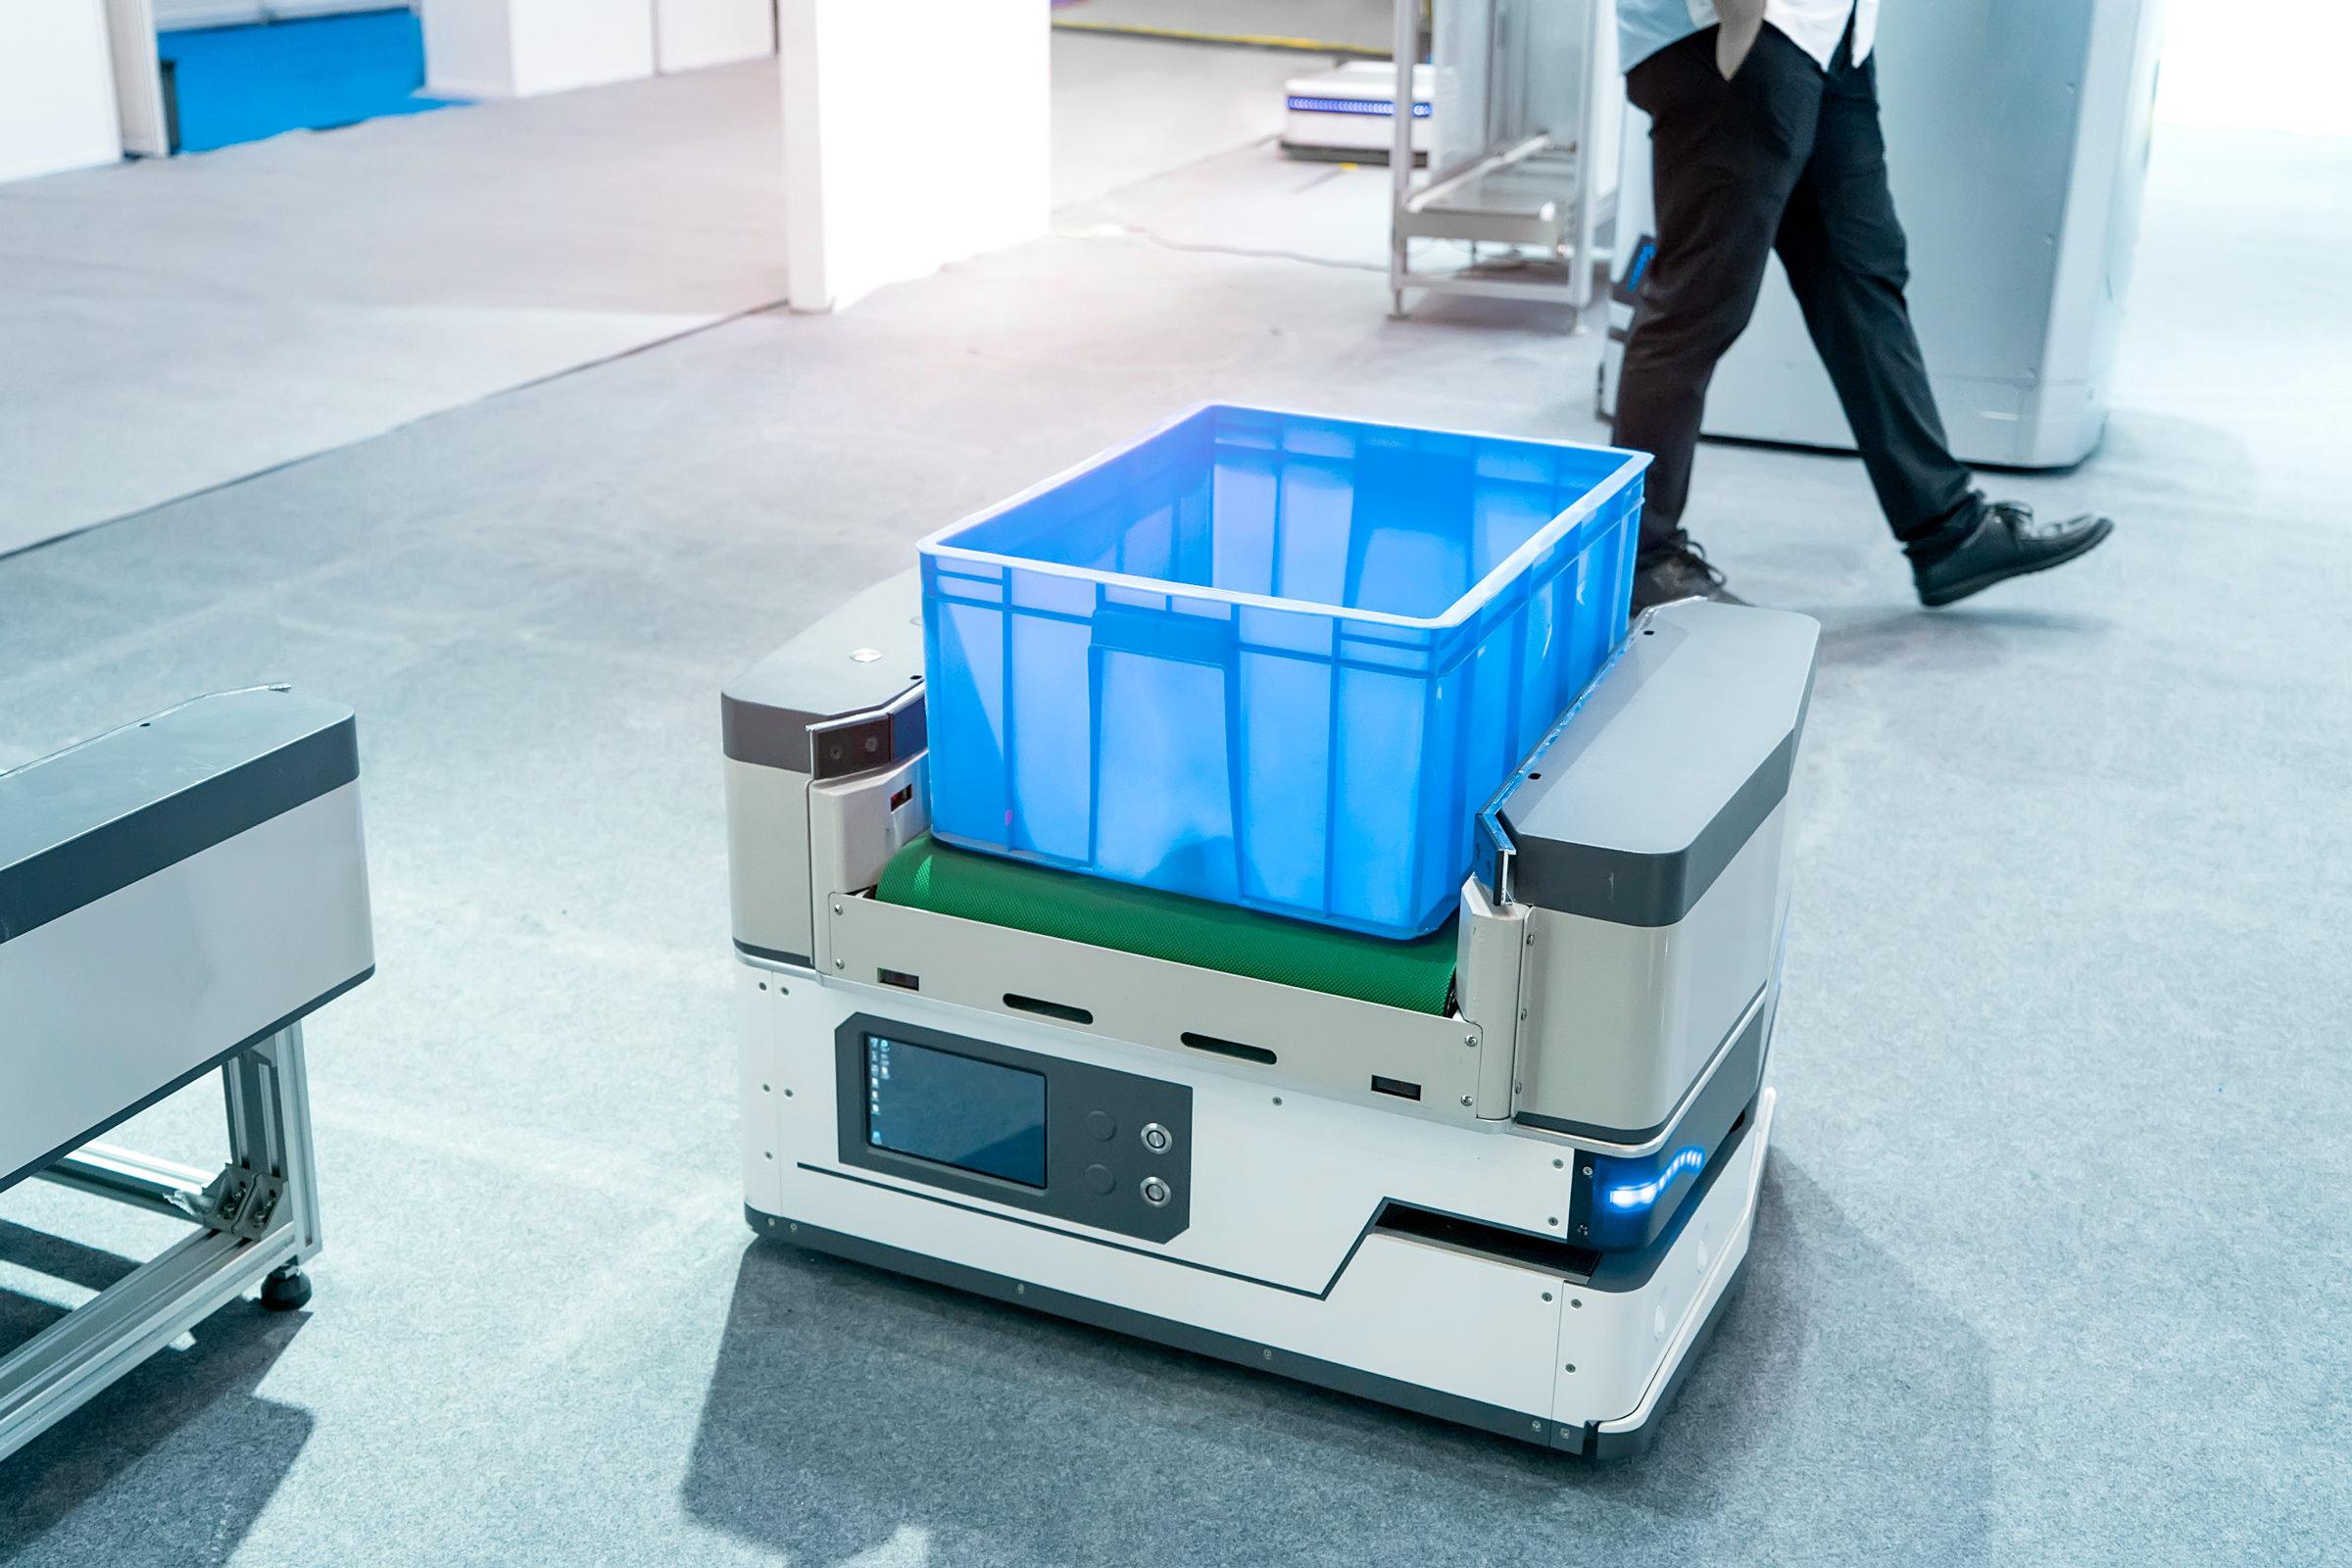 Lagerroboter mit Box